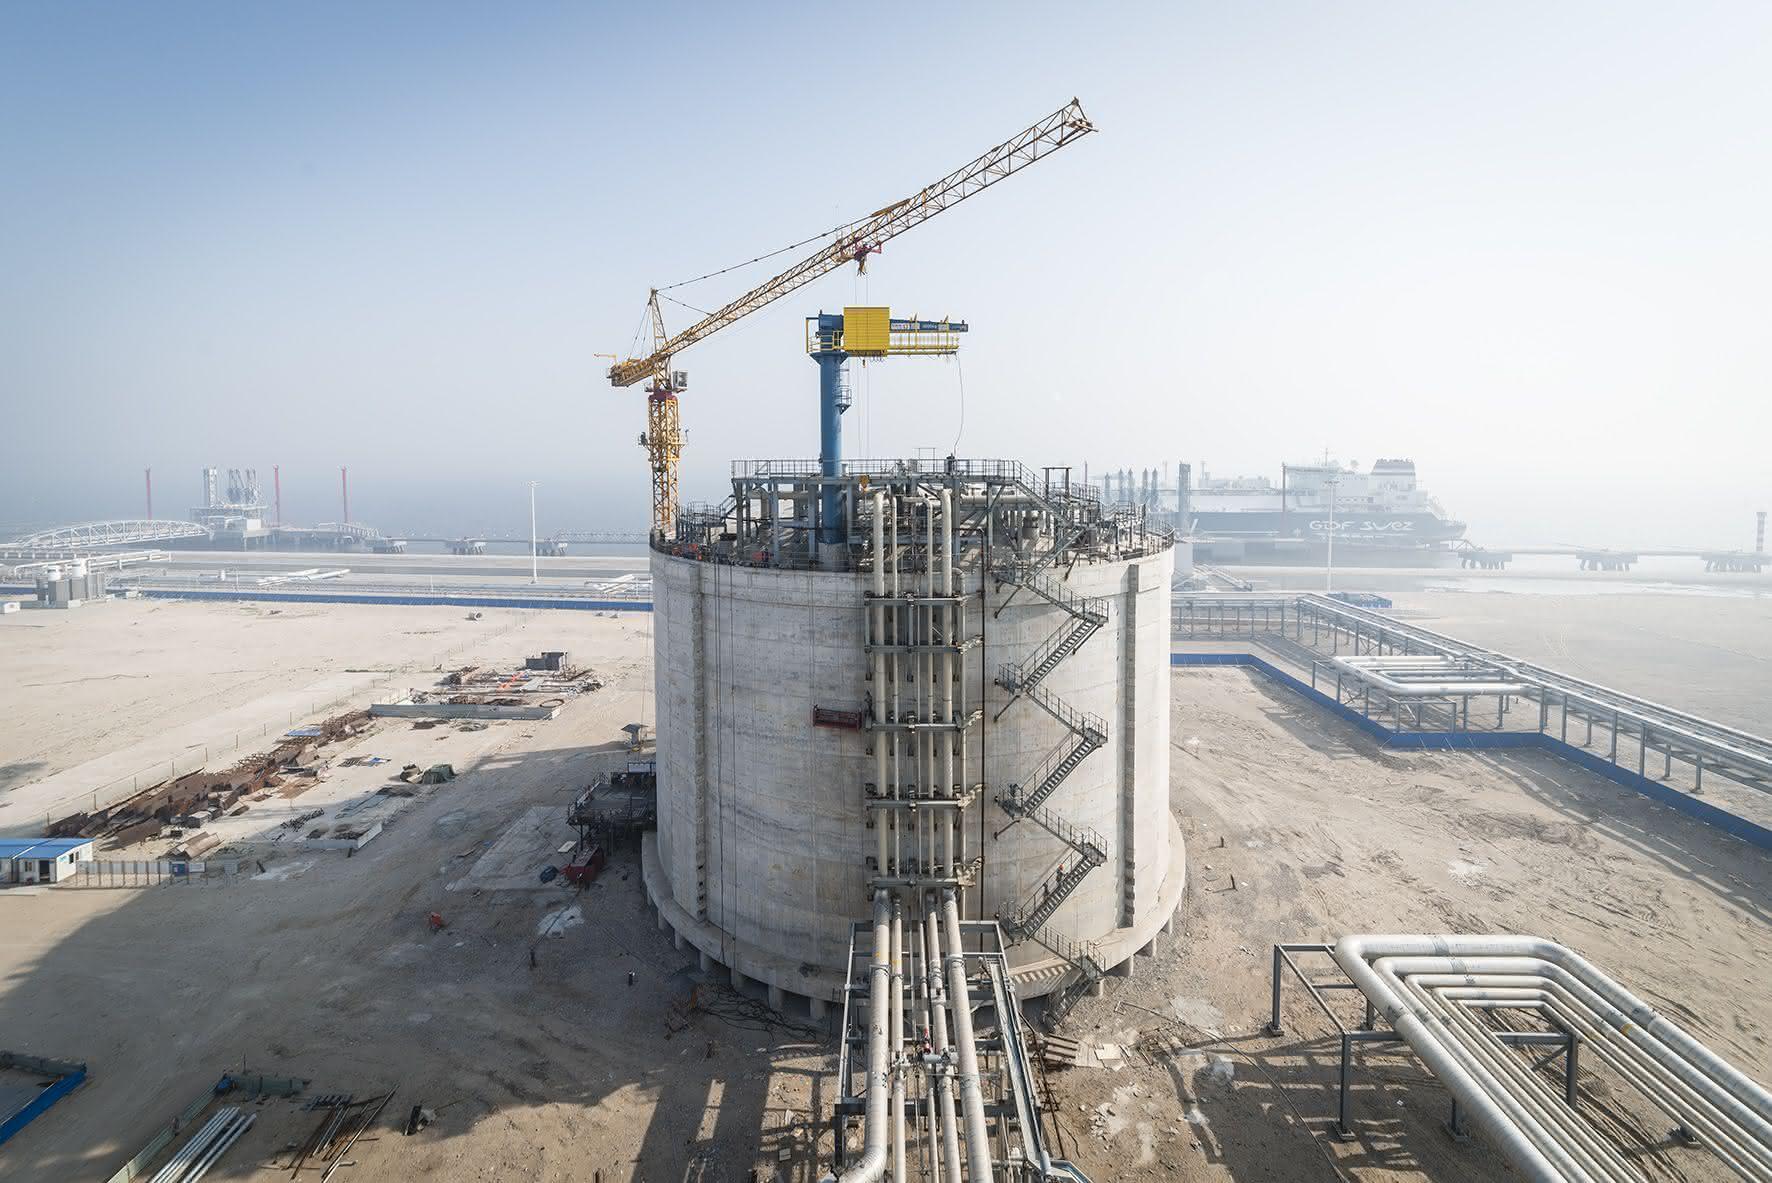 Einsatz bei Flüssiggas-Terminals in China: Spezialhebezeuge von Stahl  Cranesystems